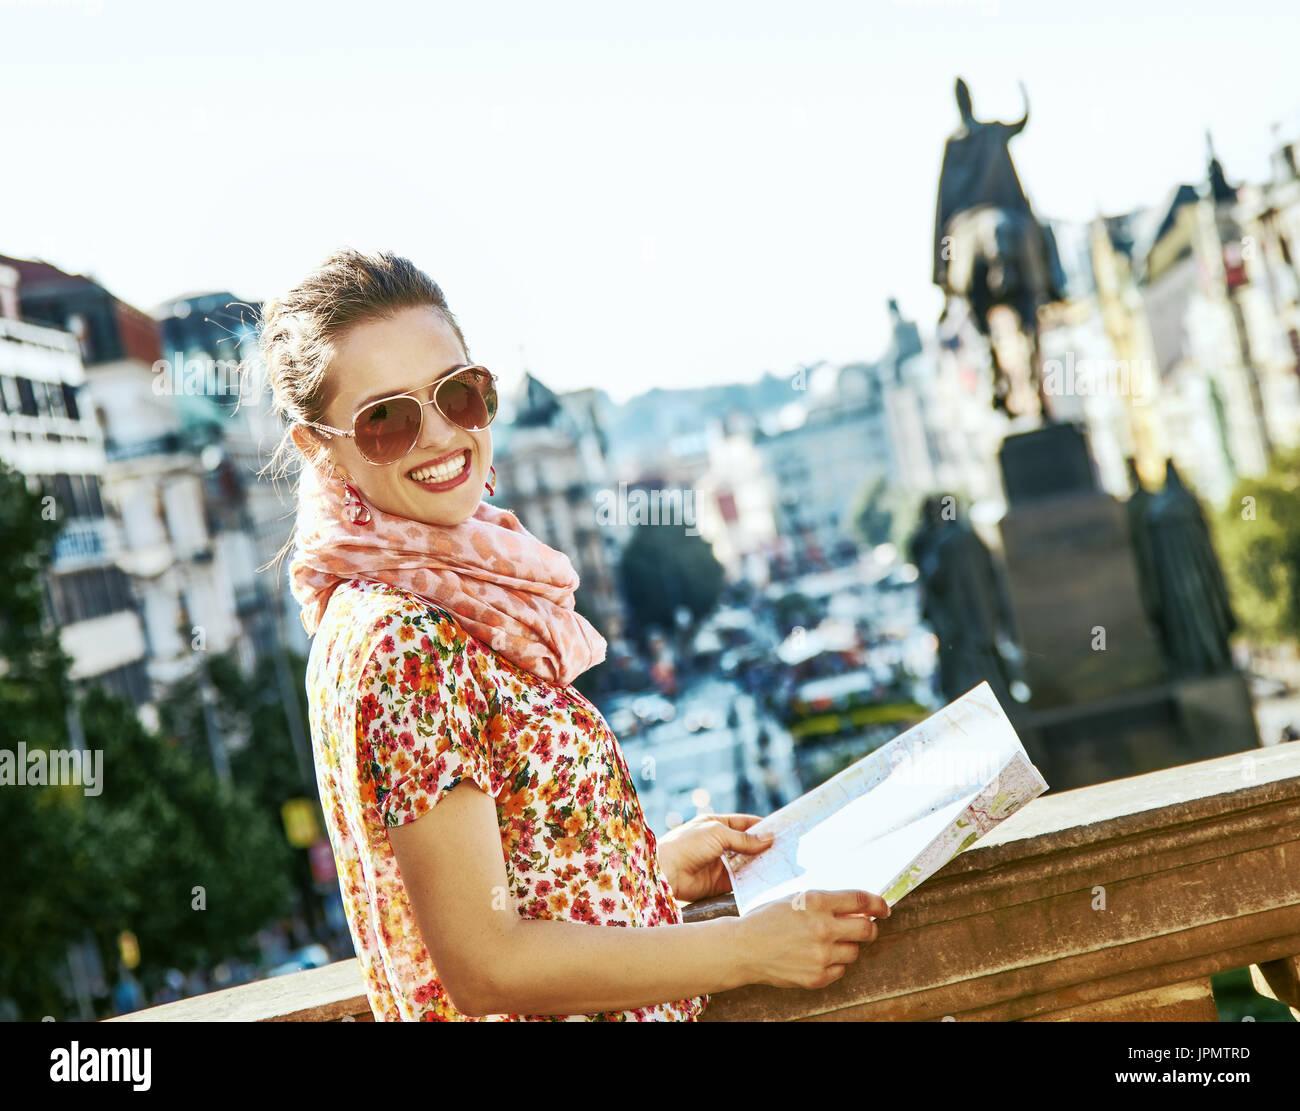 Prag Karte Europa.Der Geist Des Alten Europa In Prag Lächelnde Junge Touristen Frau